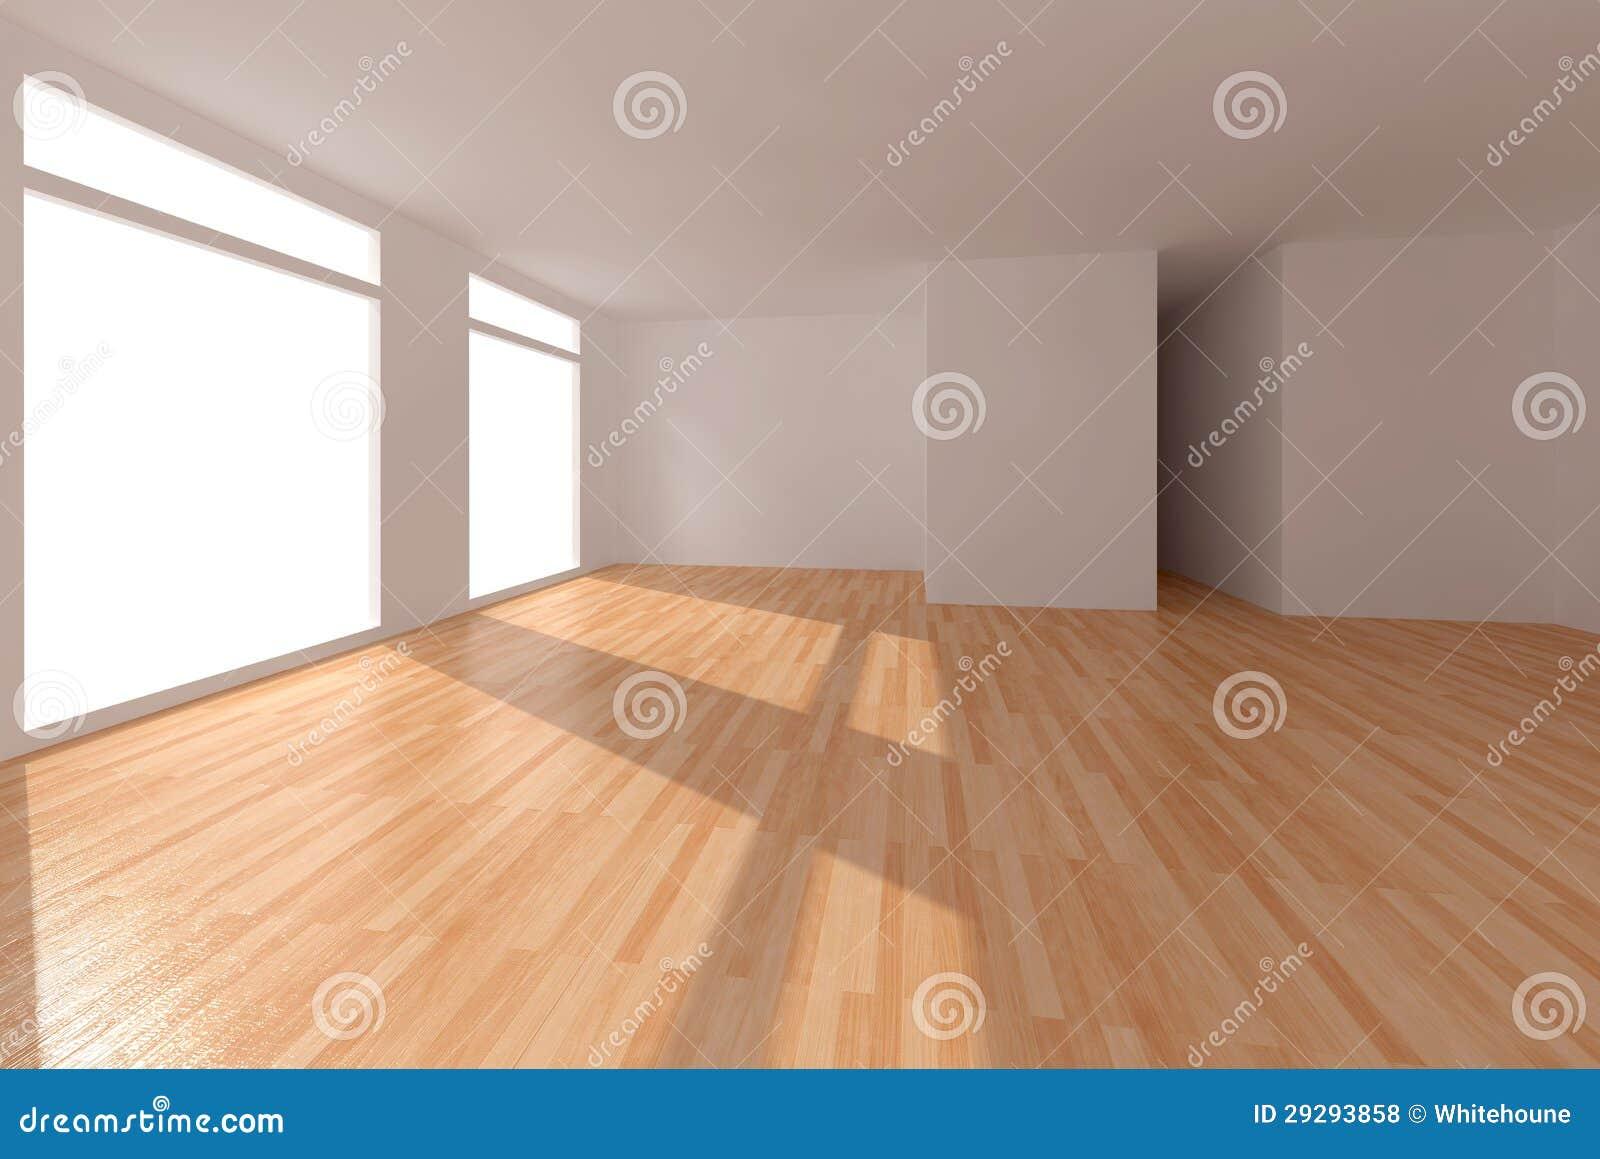 木条地板地板